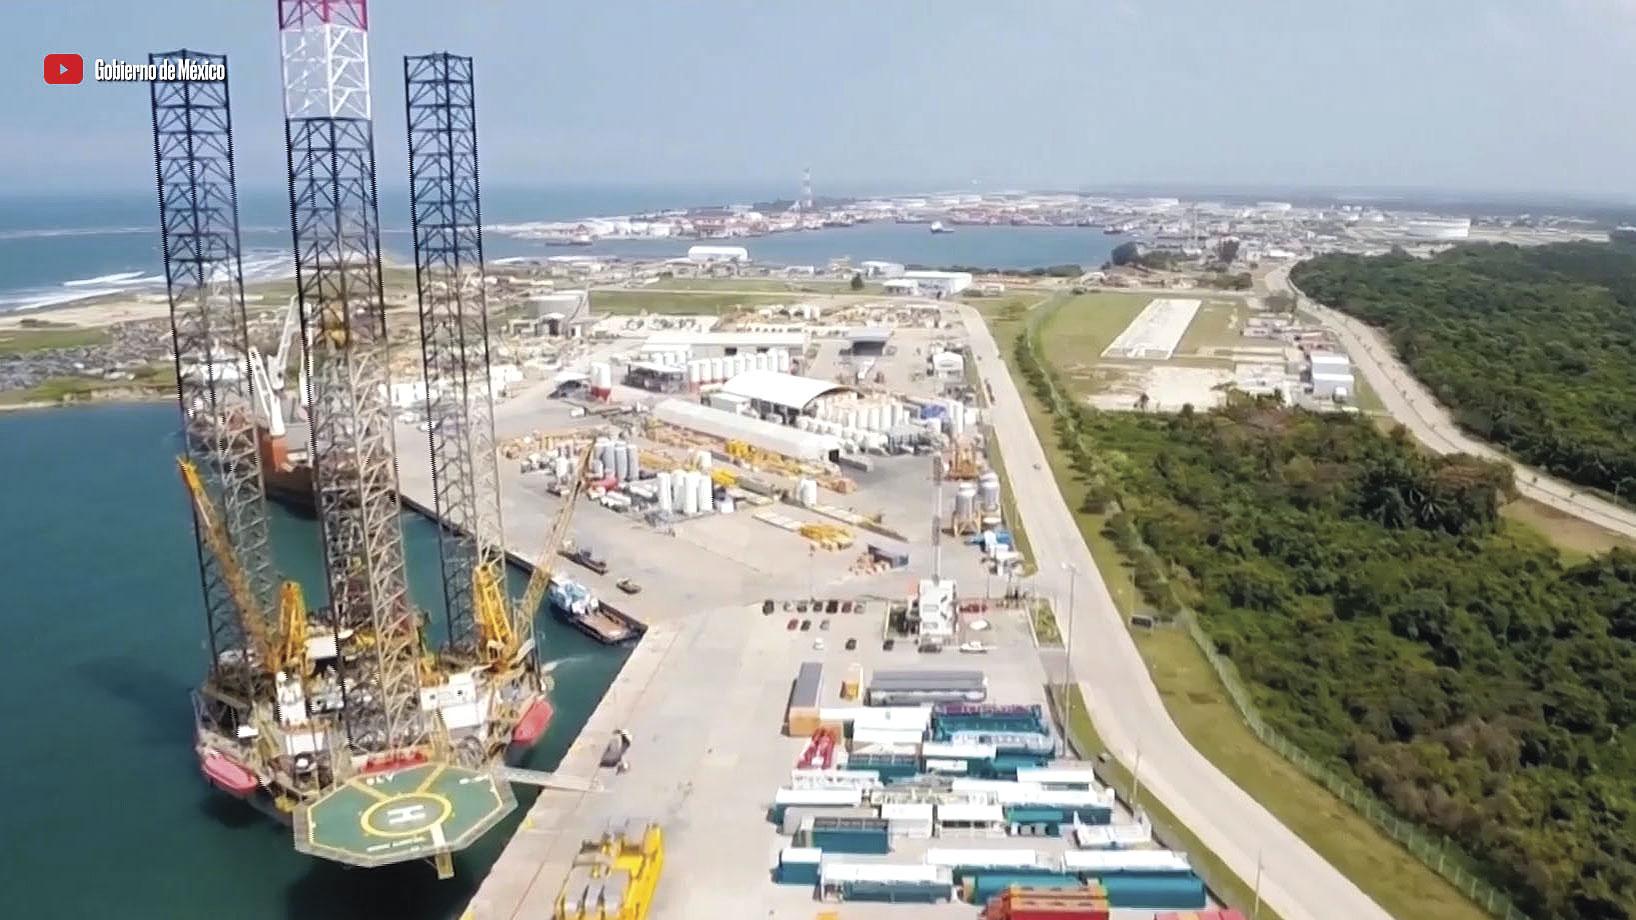 Bancos chinos invierten 600 mdd en refinería de Dos Bocas